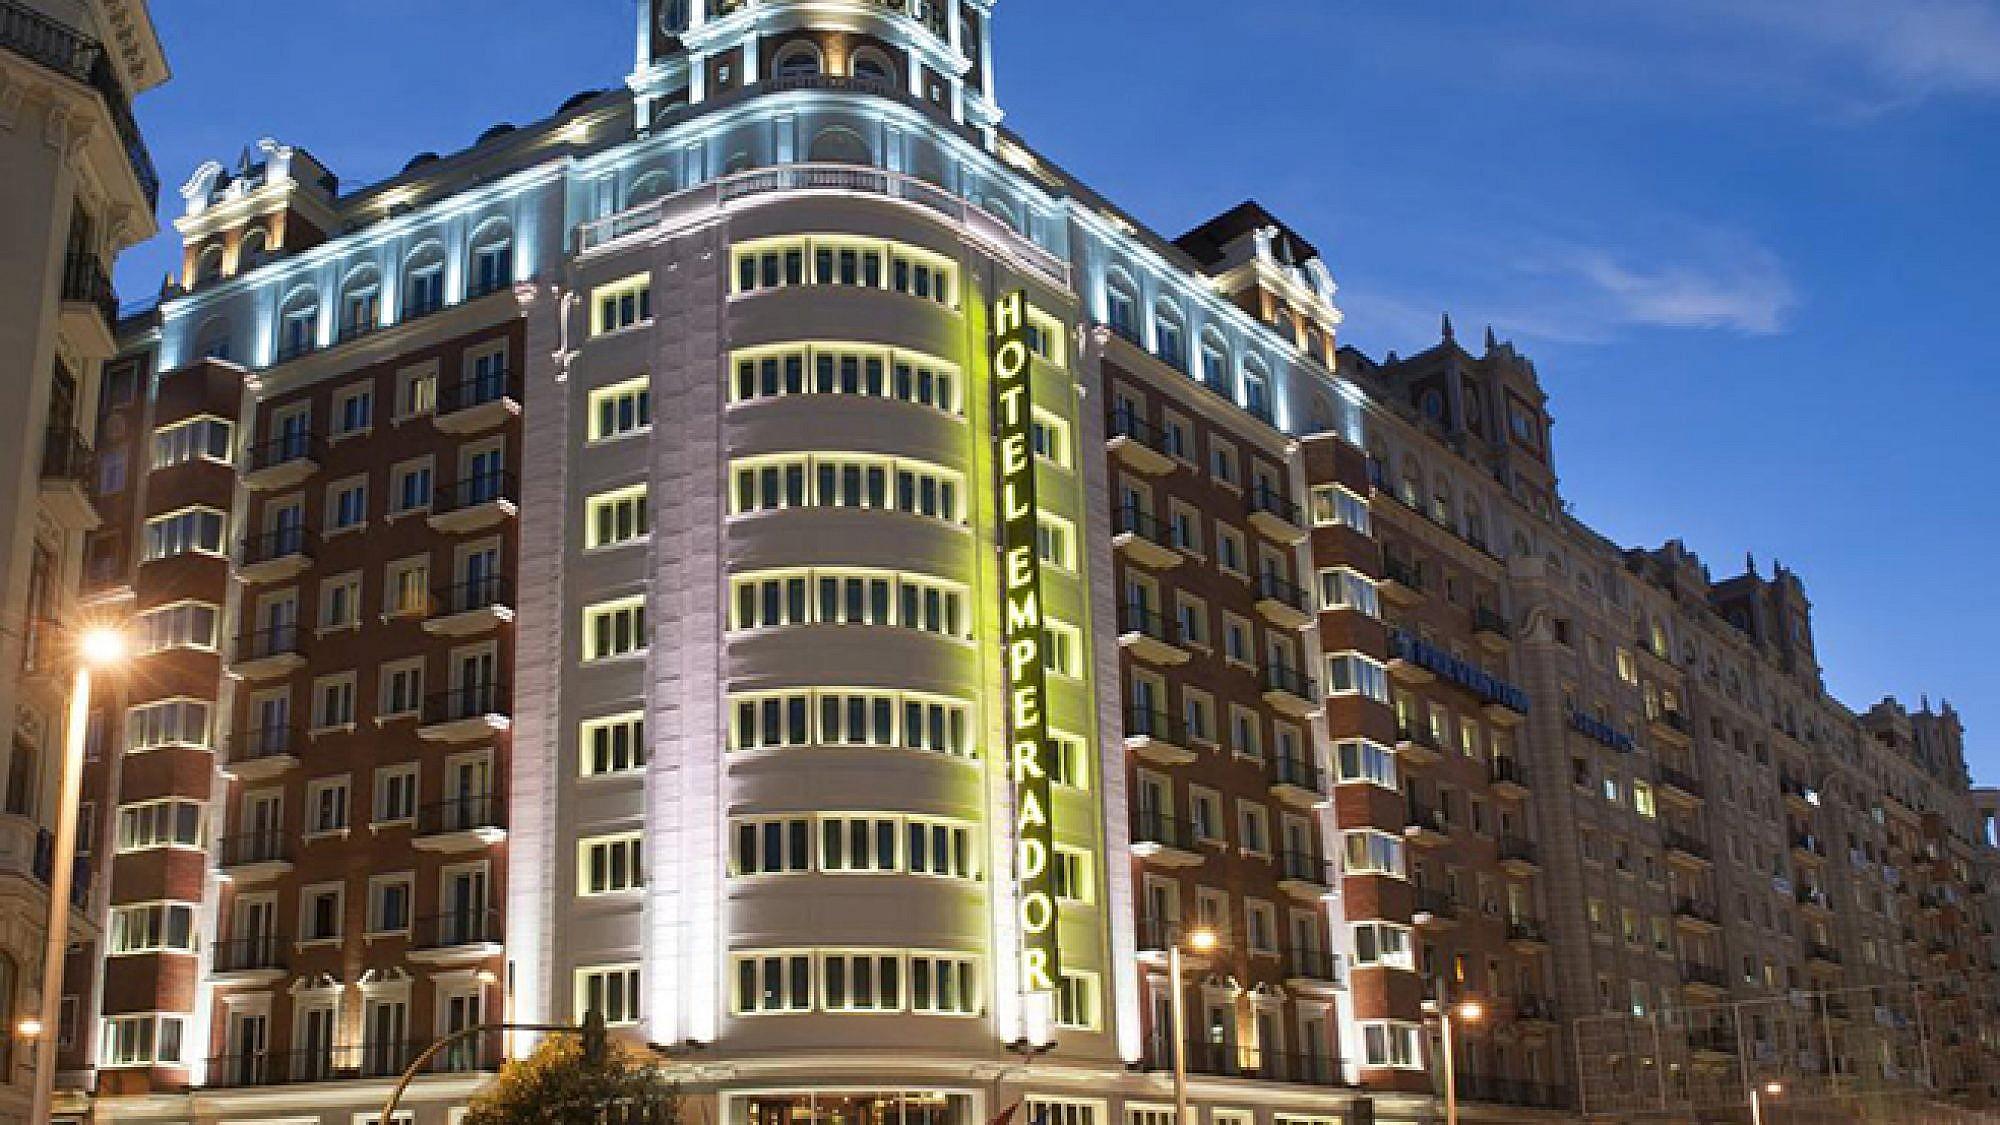 מלון אמפרדור במדריד. צילום: אתר בוקינג